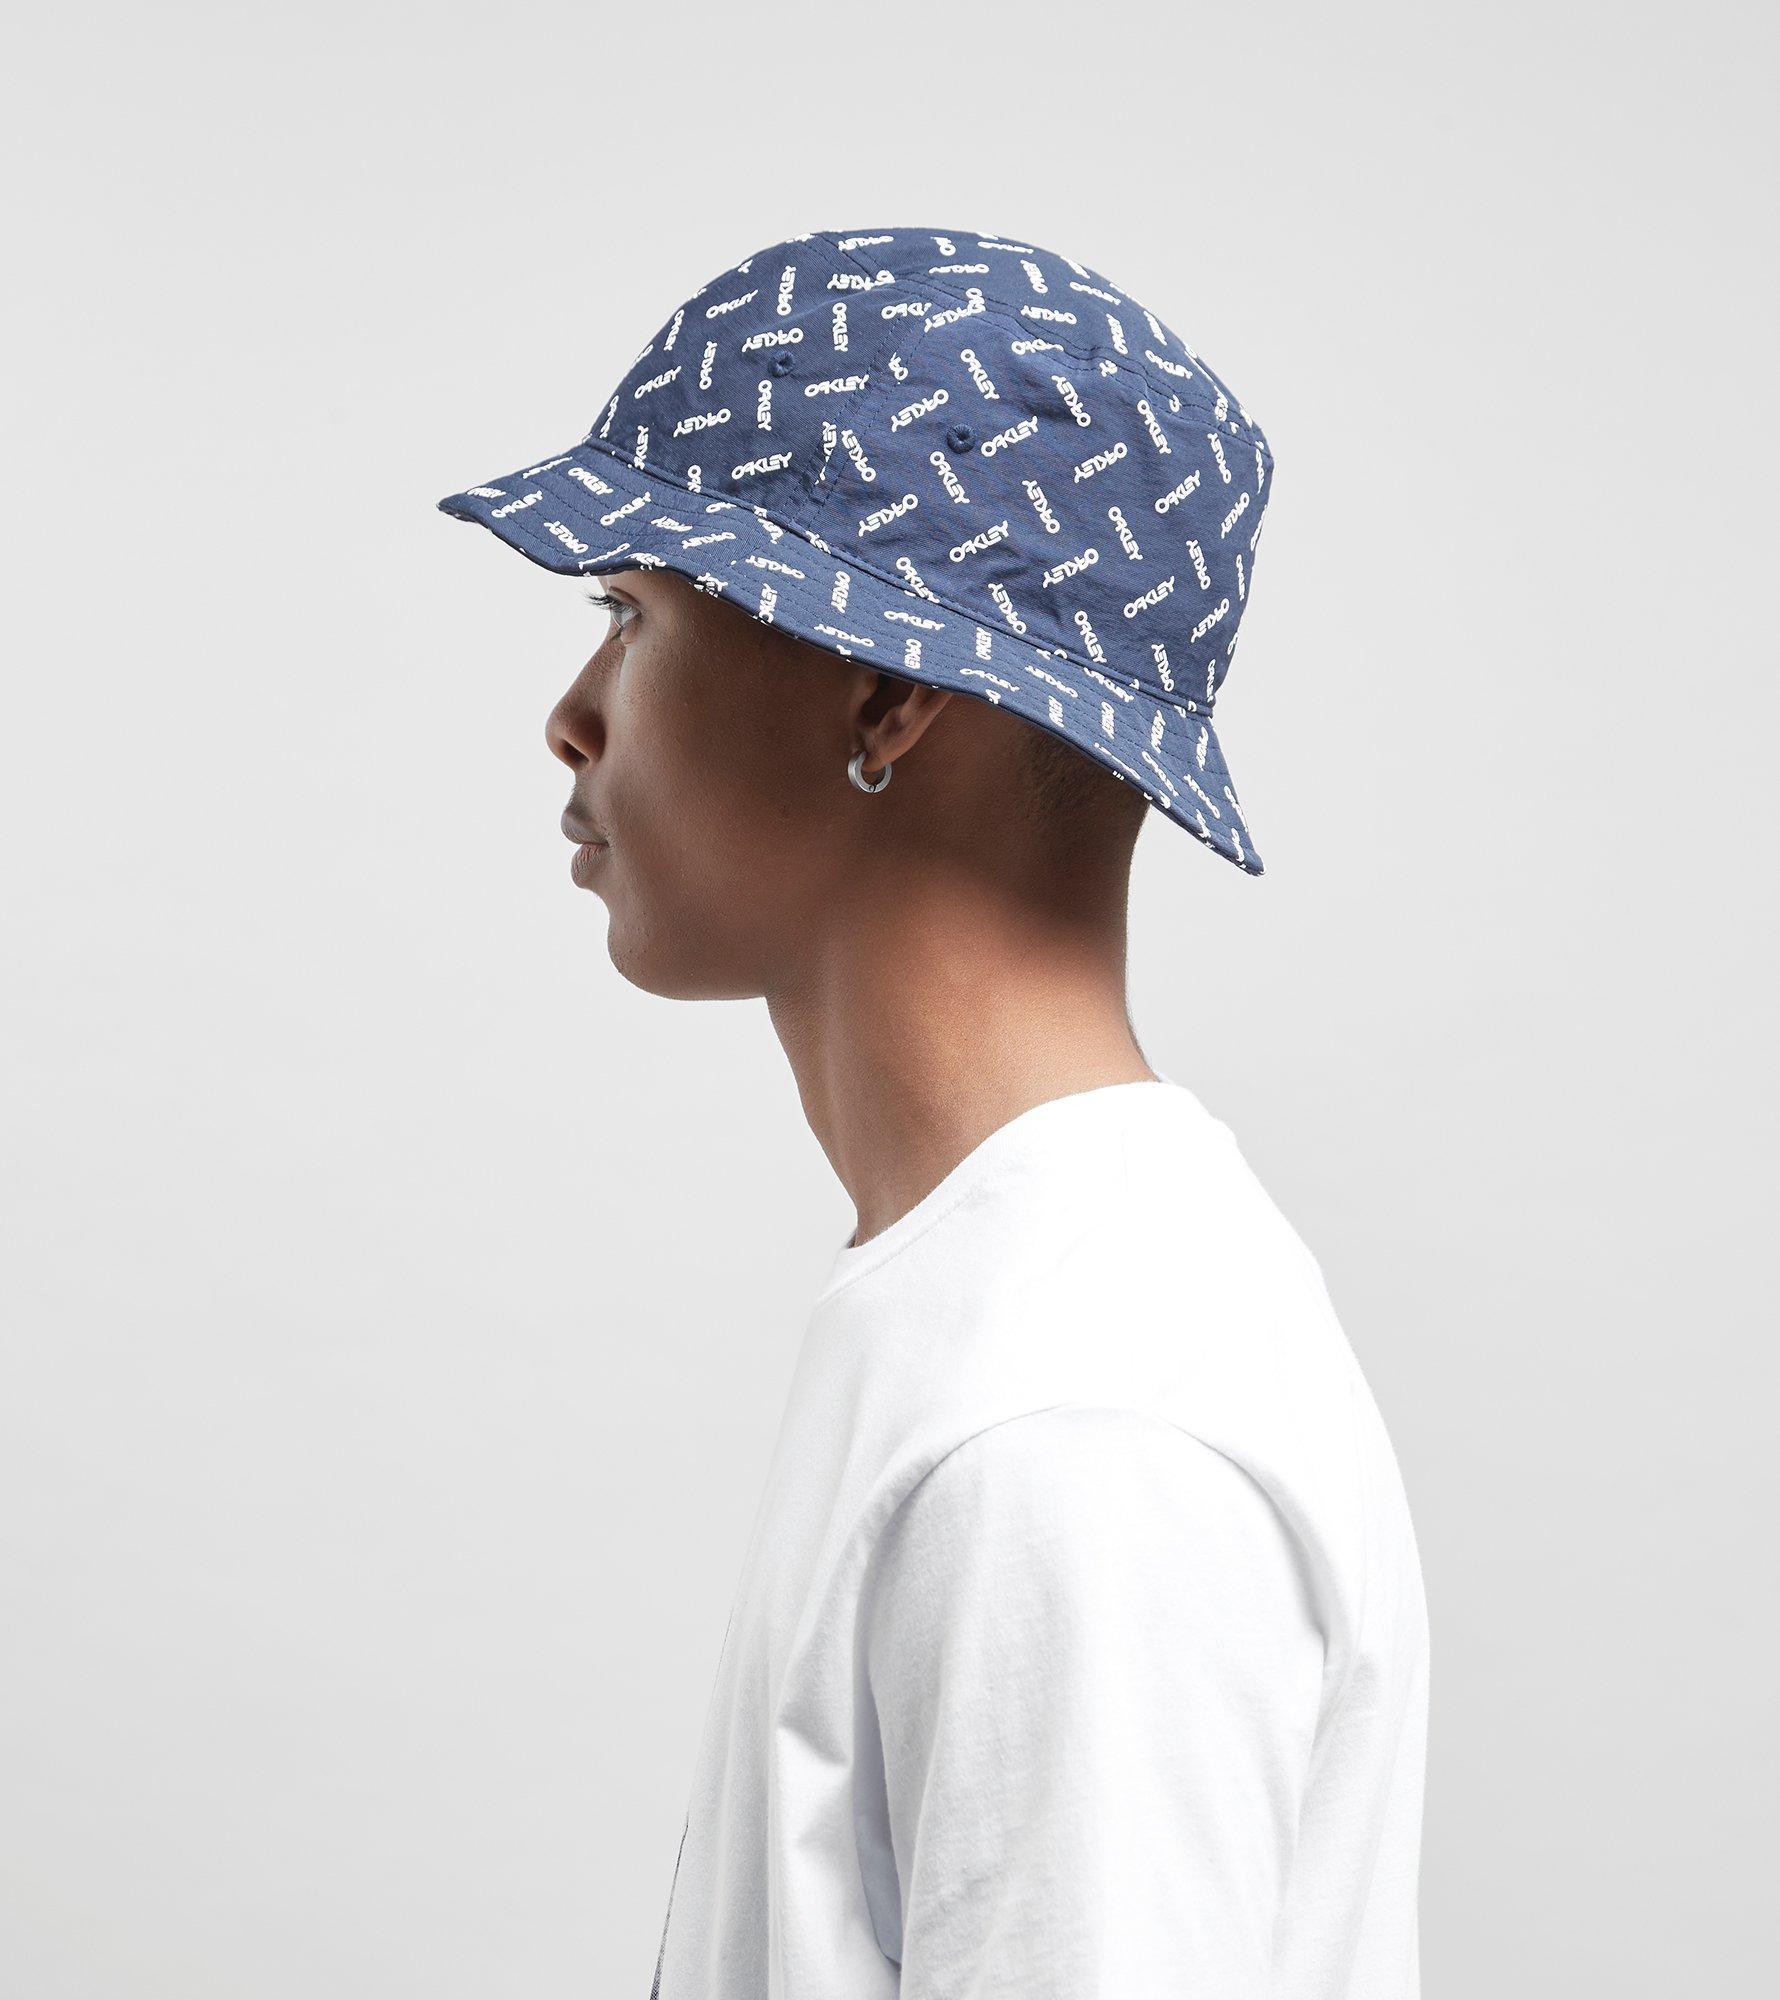 ... denmark lyst oakley logo bucket hat in blue for men 3f893 a7fa5 ... 4ce0df476a35